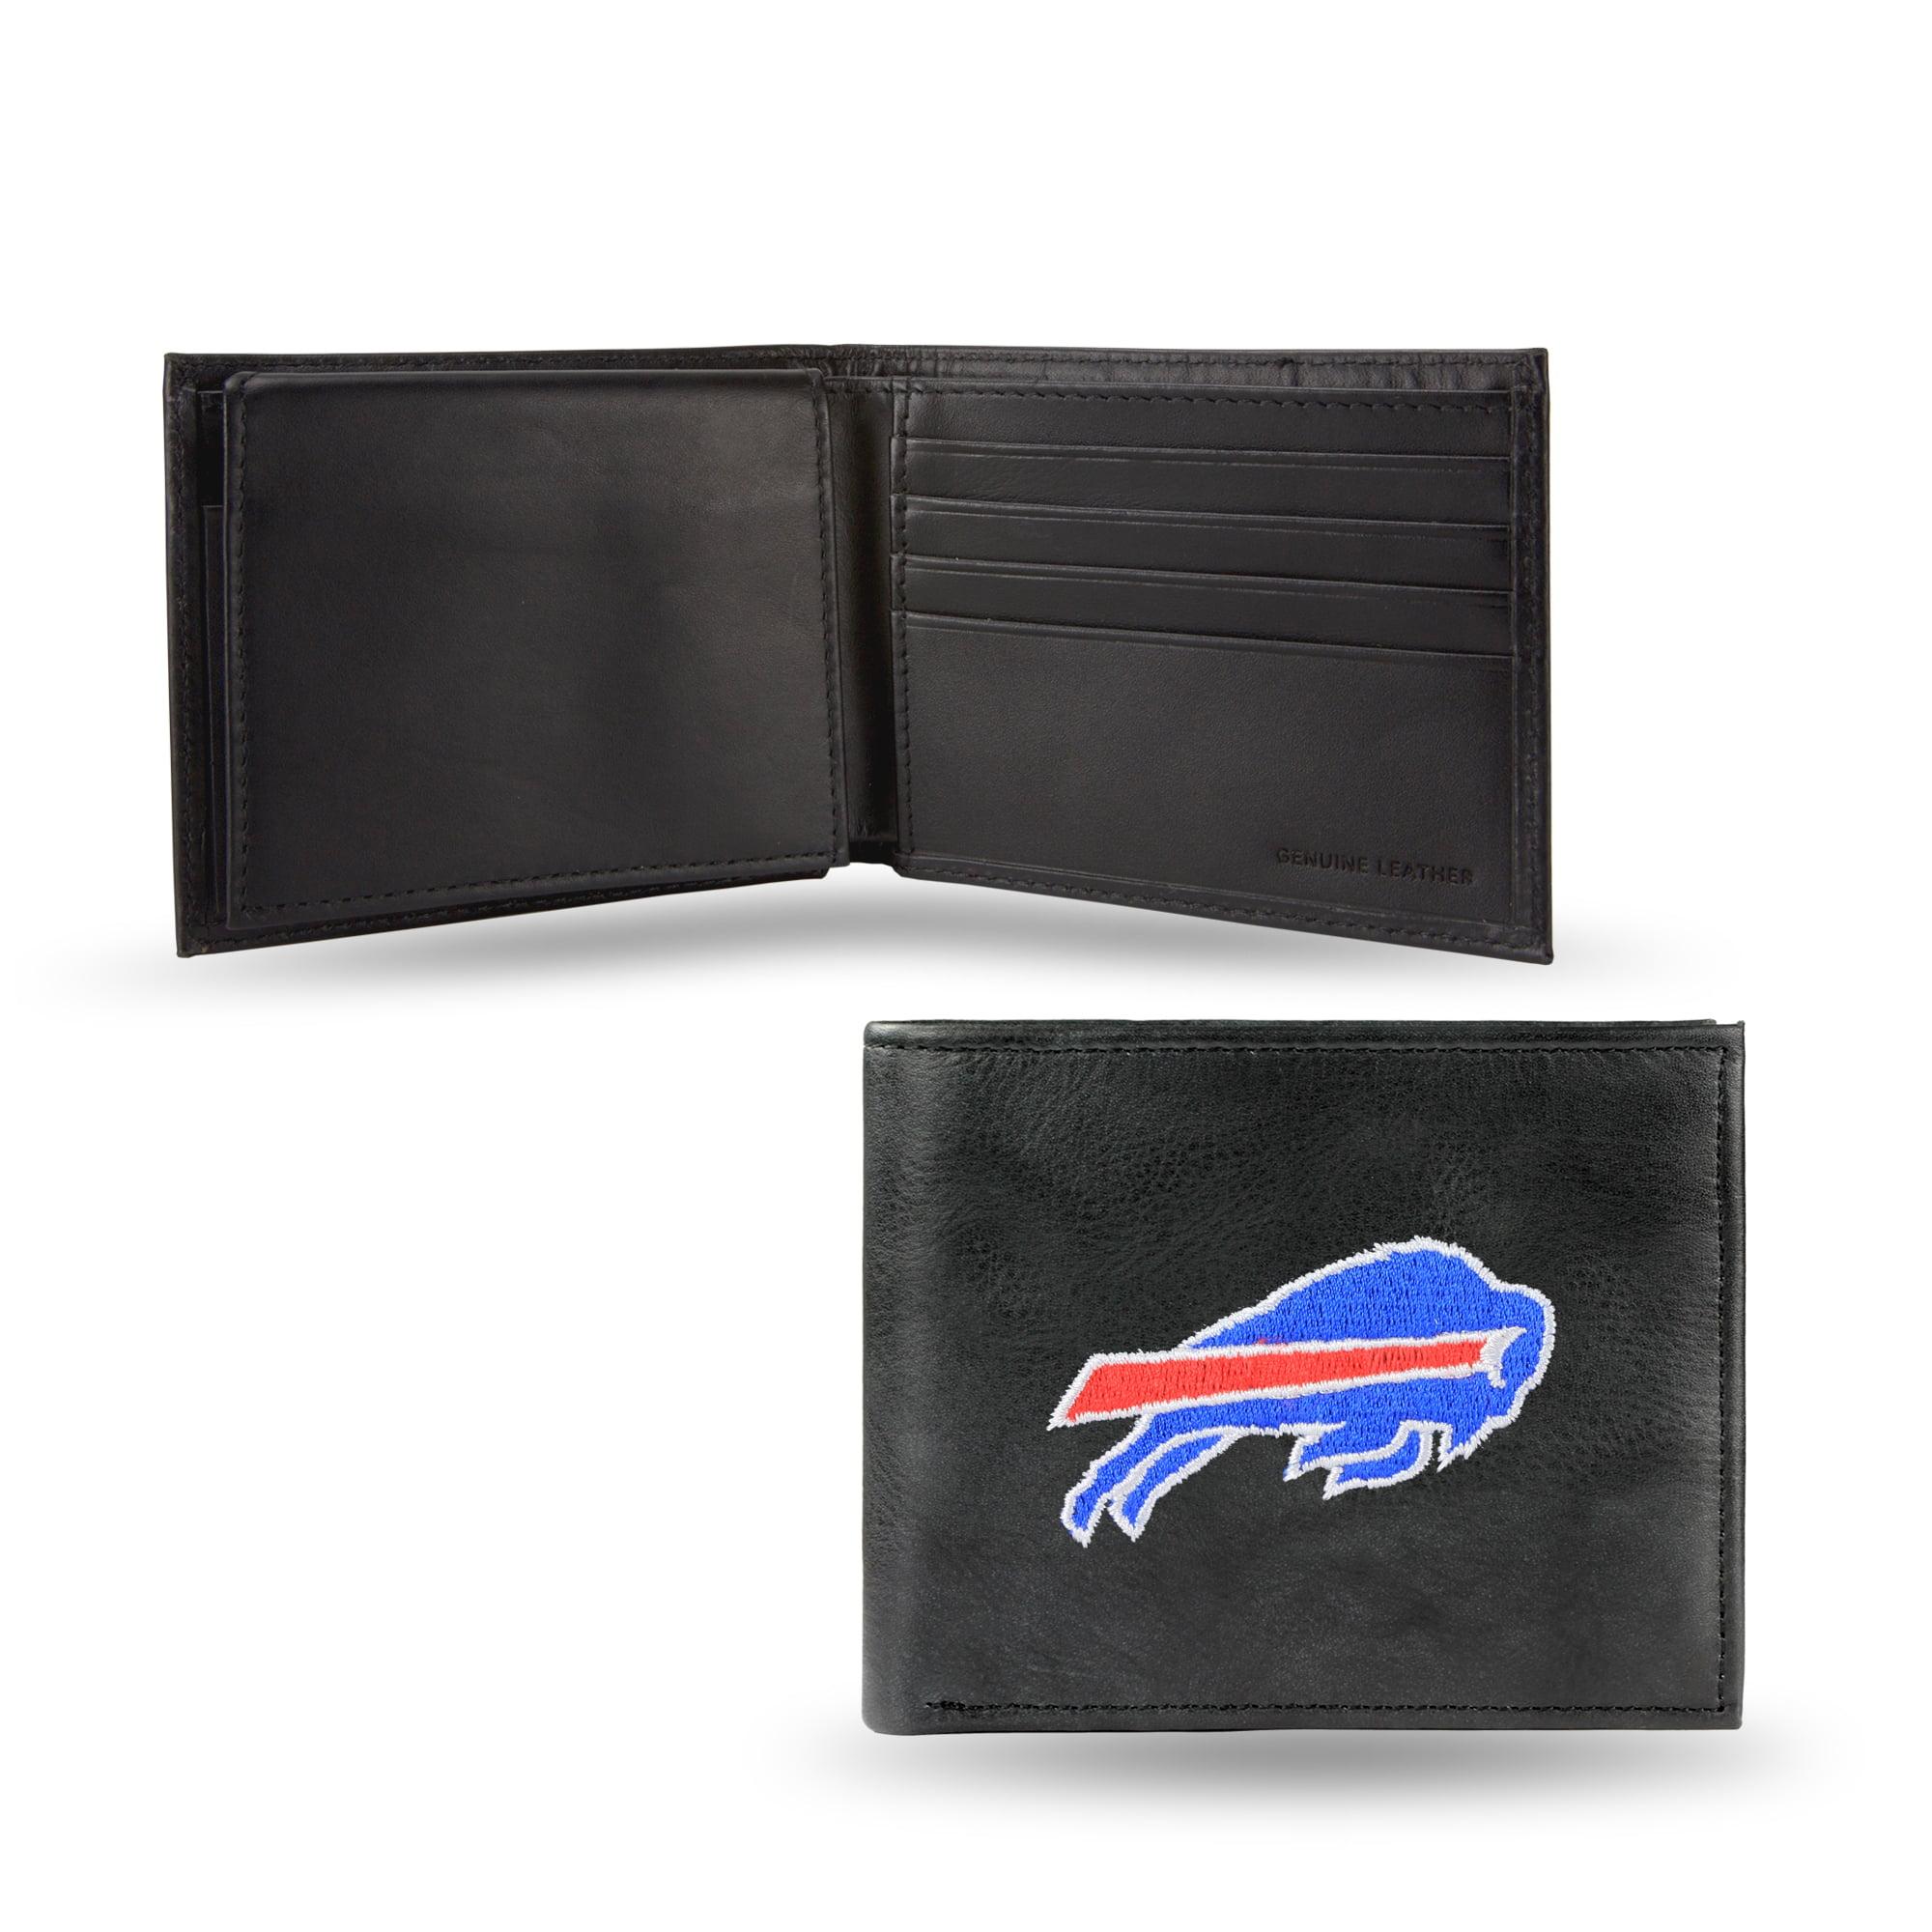 NFL Buffalo Bills Womens Leather Wallet